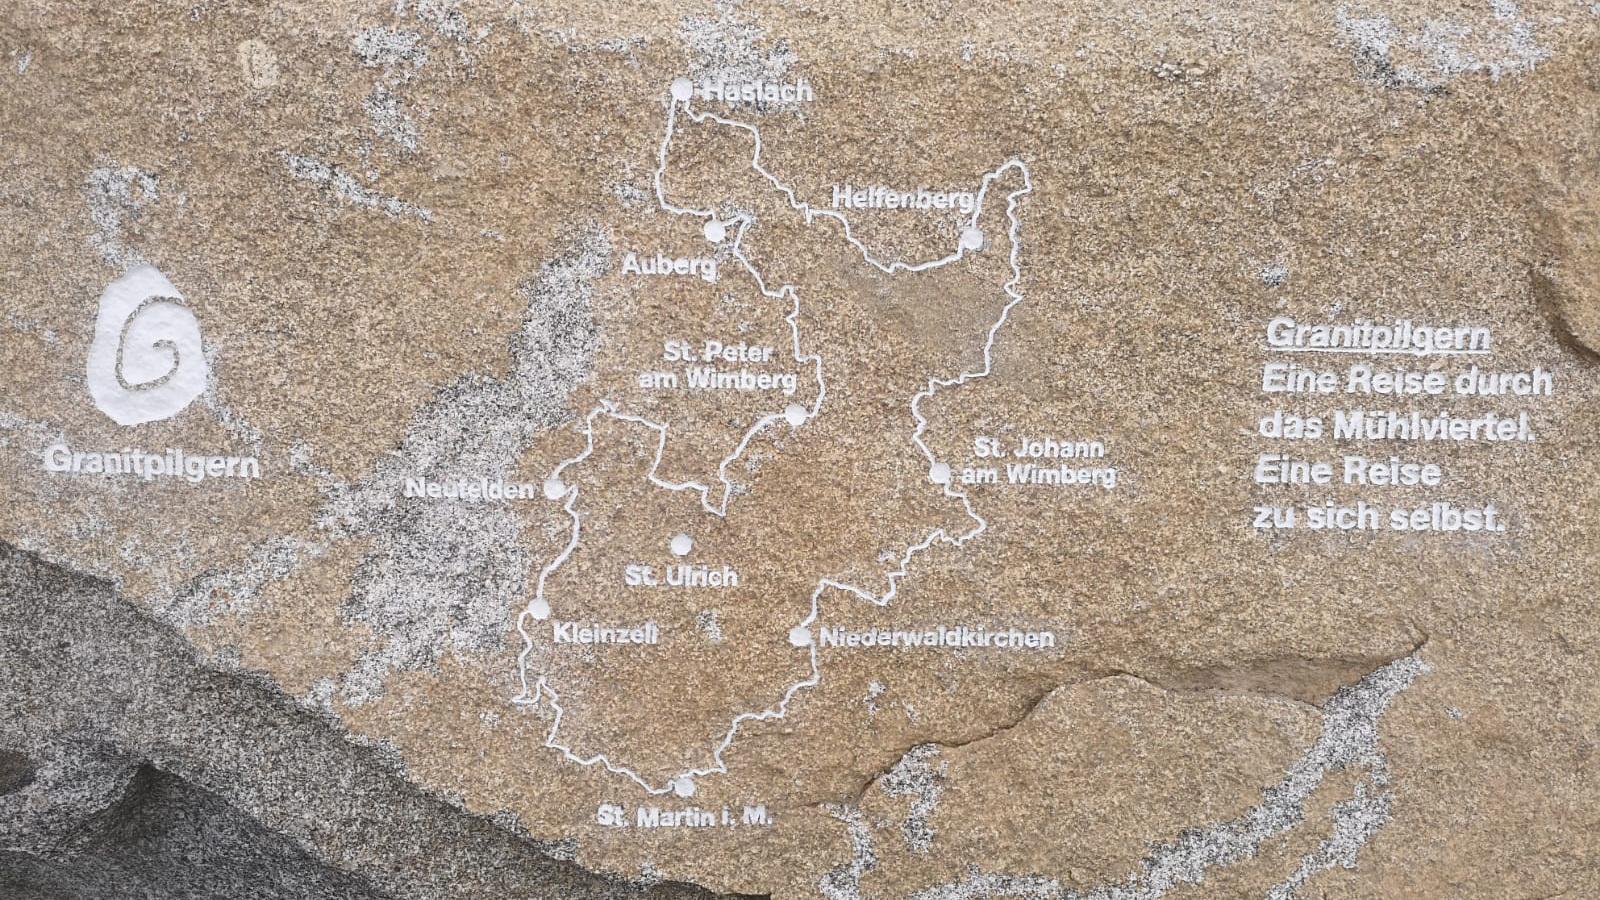 Ref Granit Gravur Stein